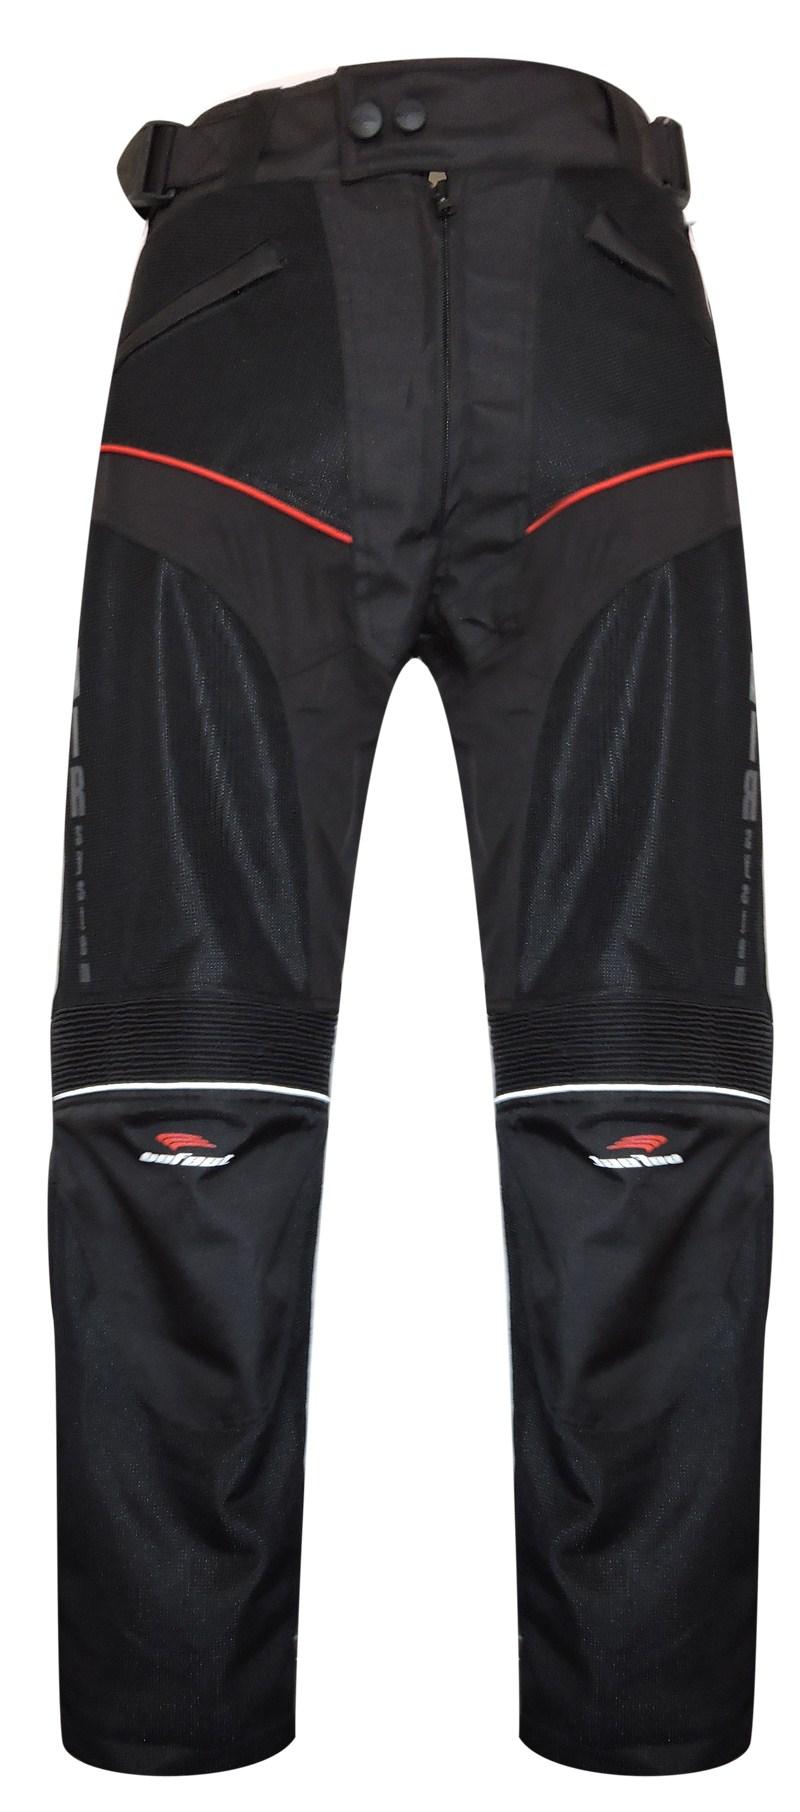 Pantaloni moto estivi Befast Sirio Nero